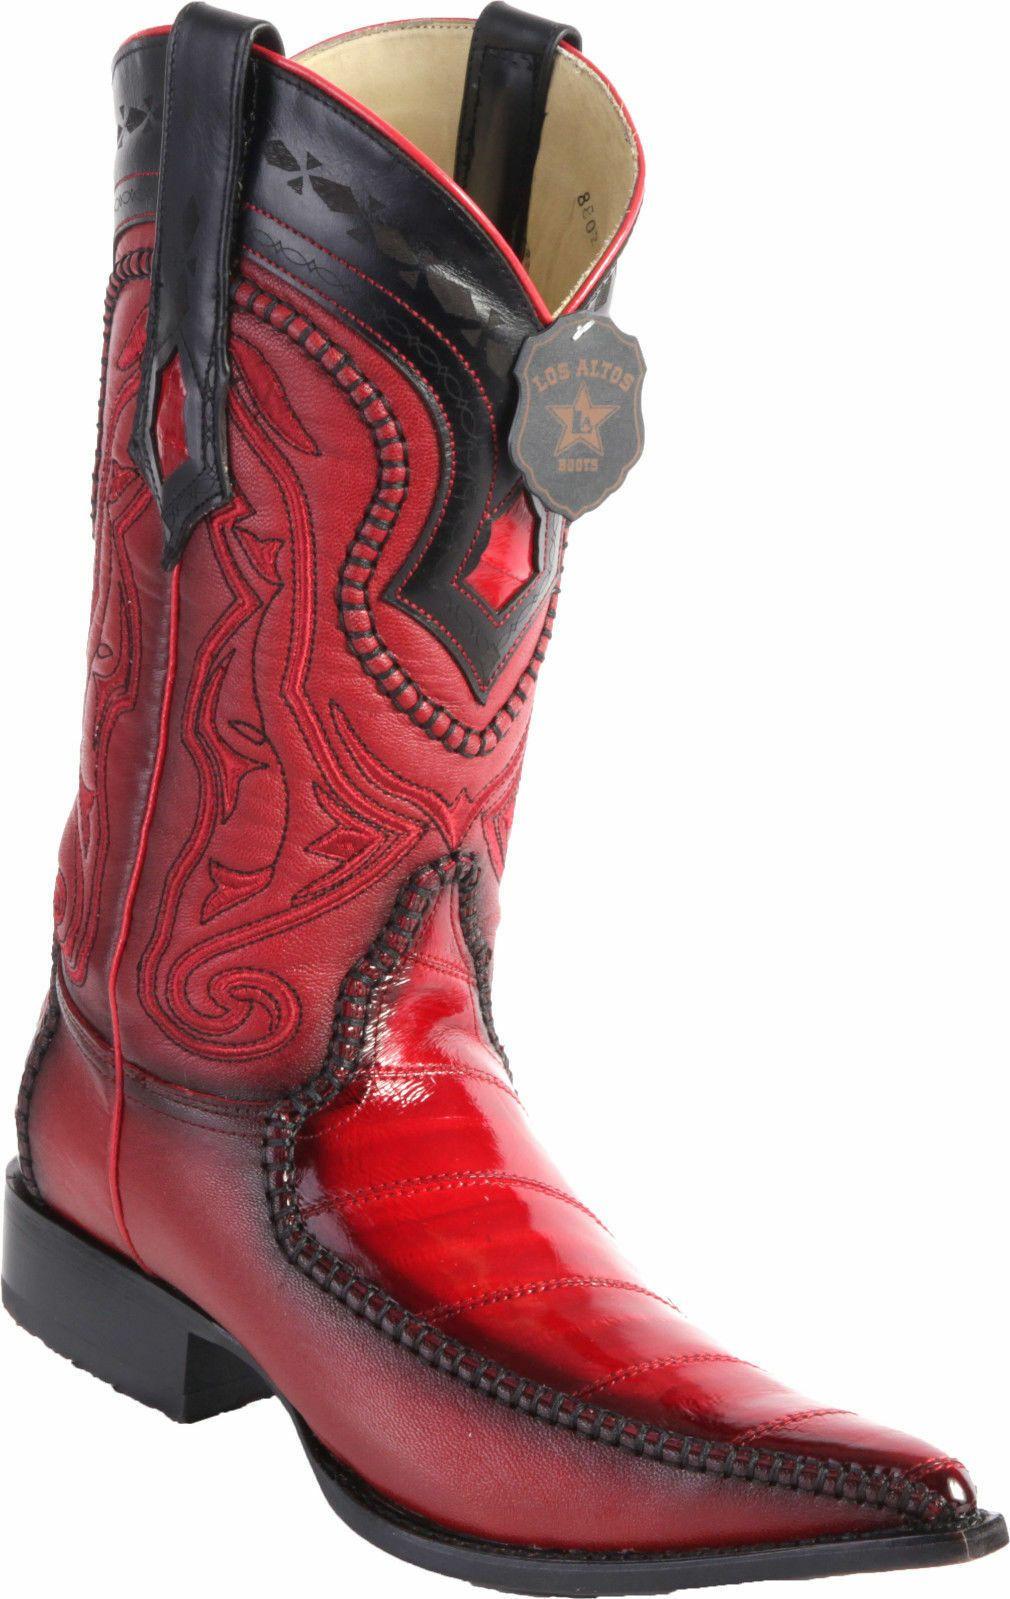 LOS ALTOS MEN COGNAC GENUINE EEL ROUND TOE WESTERN COWBOY BOOT EE